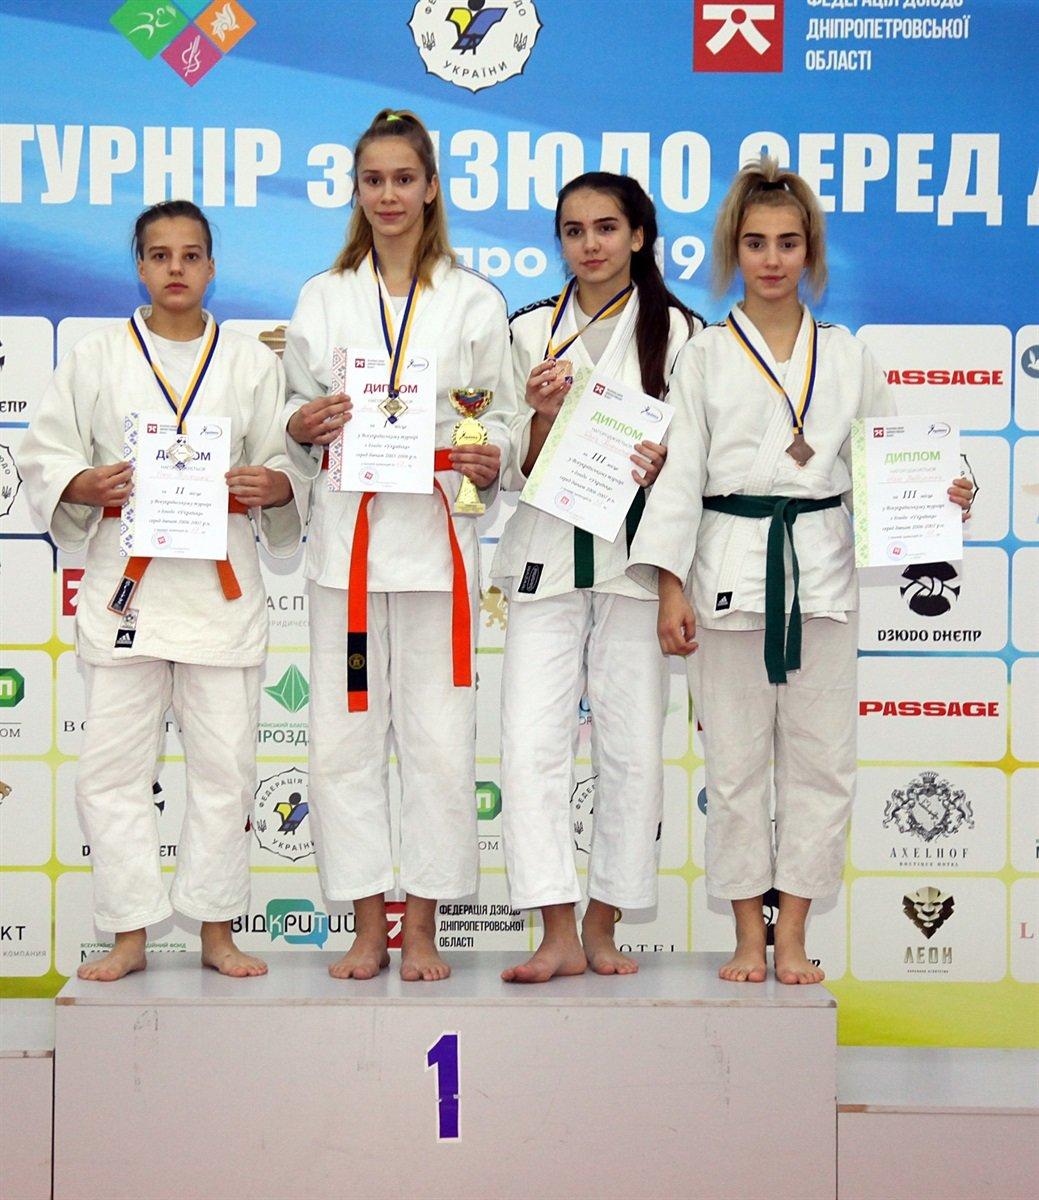 Днепровские юные спортсменки завоевали семь наград на Всеукраинском турнире по дзюдо, - ФОТО, фото-3